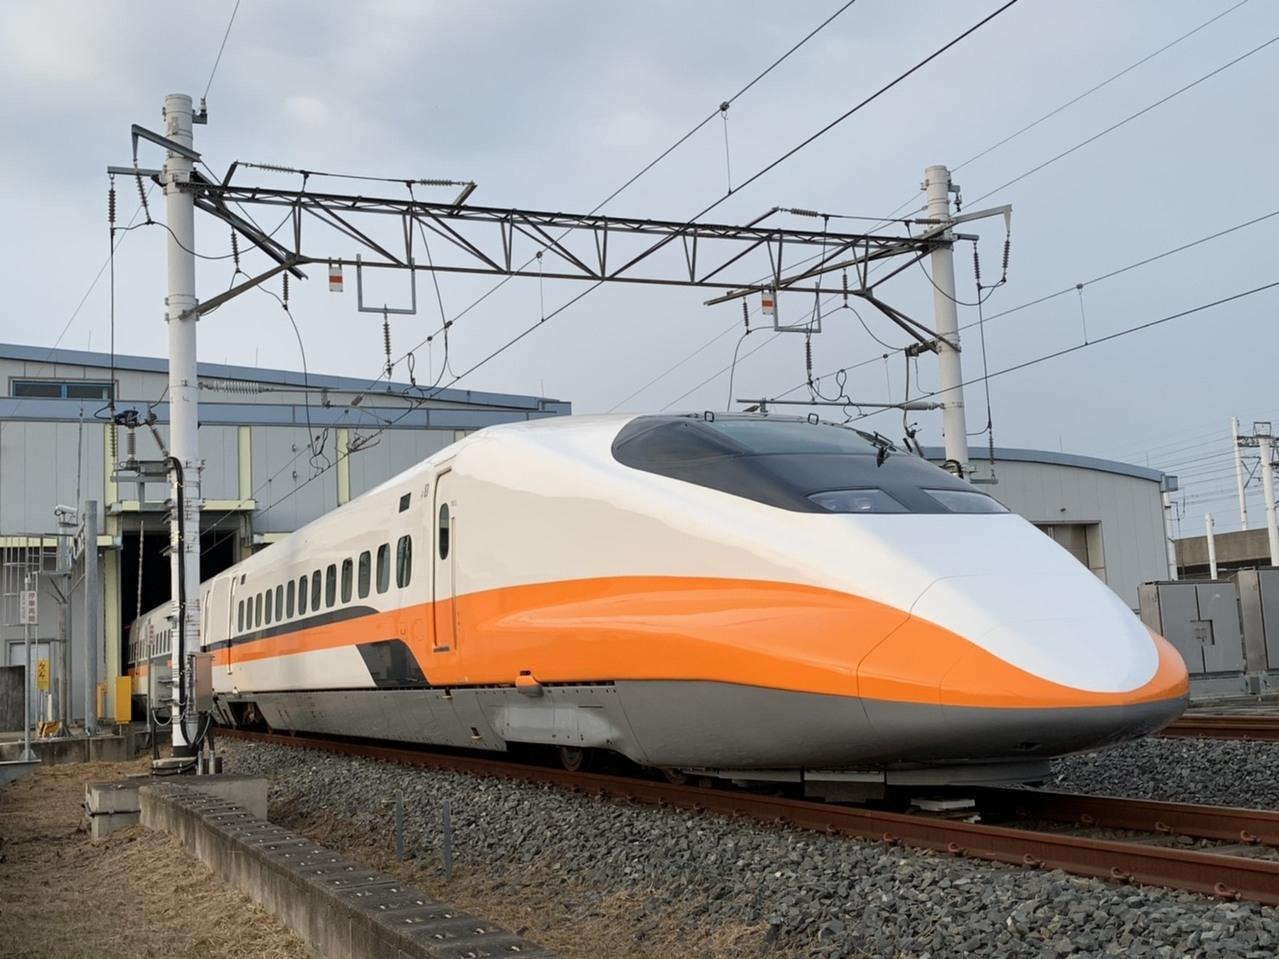 隨著寒假即將來臨,且農曆春節接踵而至,台灣高鐵公司為鼓勵大學生提前返鄉過節,特別於明(2020)年1月6日至10日、1月14日至19日規劃「大學生寒假返鄉五折優惠列車」,除持續提供原大學生指定車次五折、七五折或八八折優惠外,再加碼大學生寒假返鄉五折優惠列車。 記者楊文琪/攝影